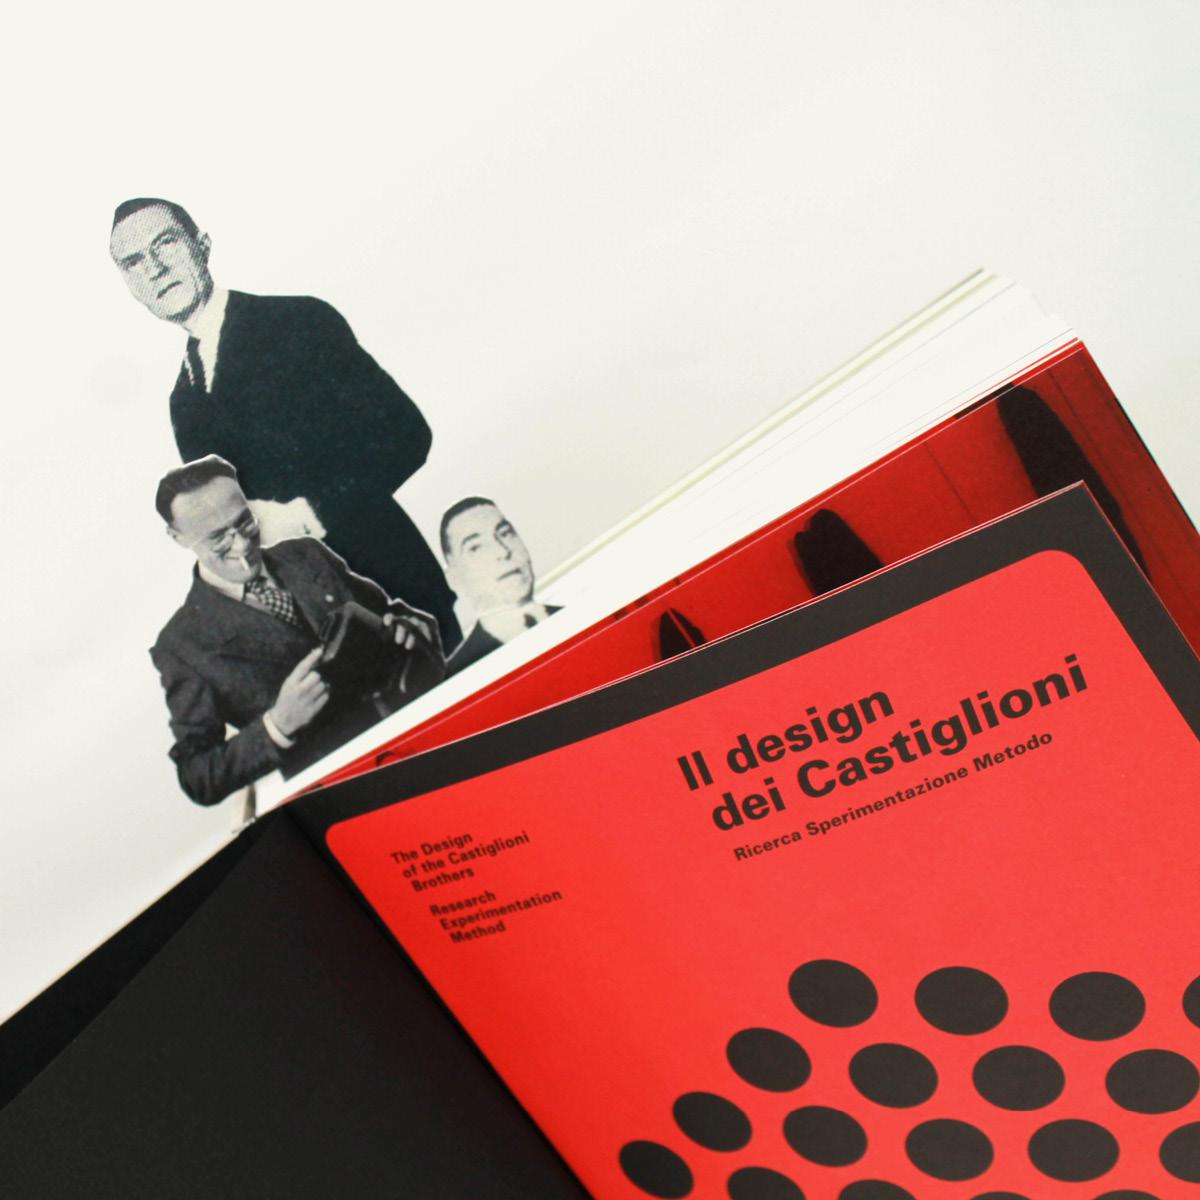 Il-design-dei-CastiglioniRicerca-Sperimentazione-Metodo-024